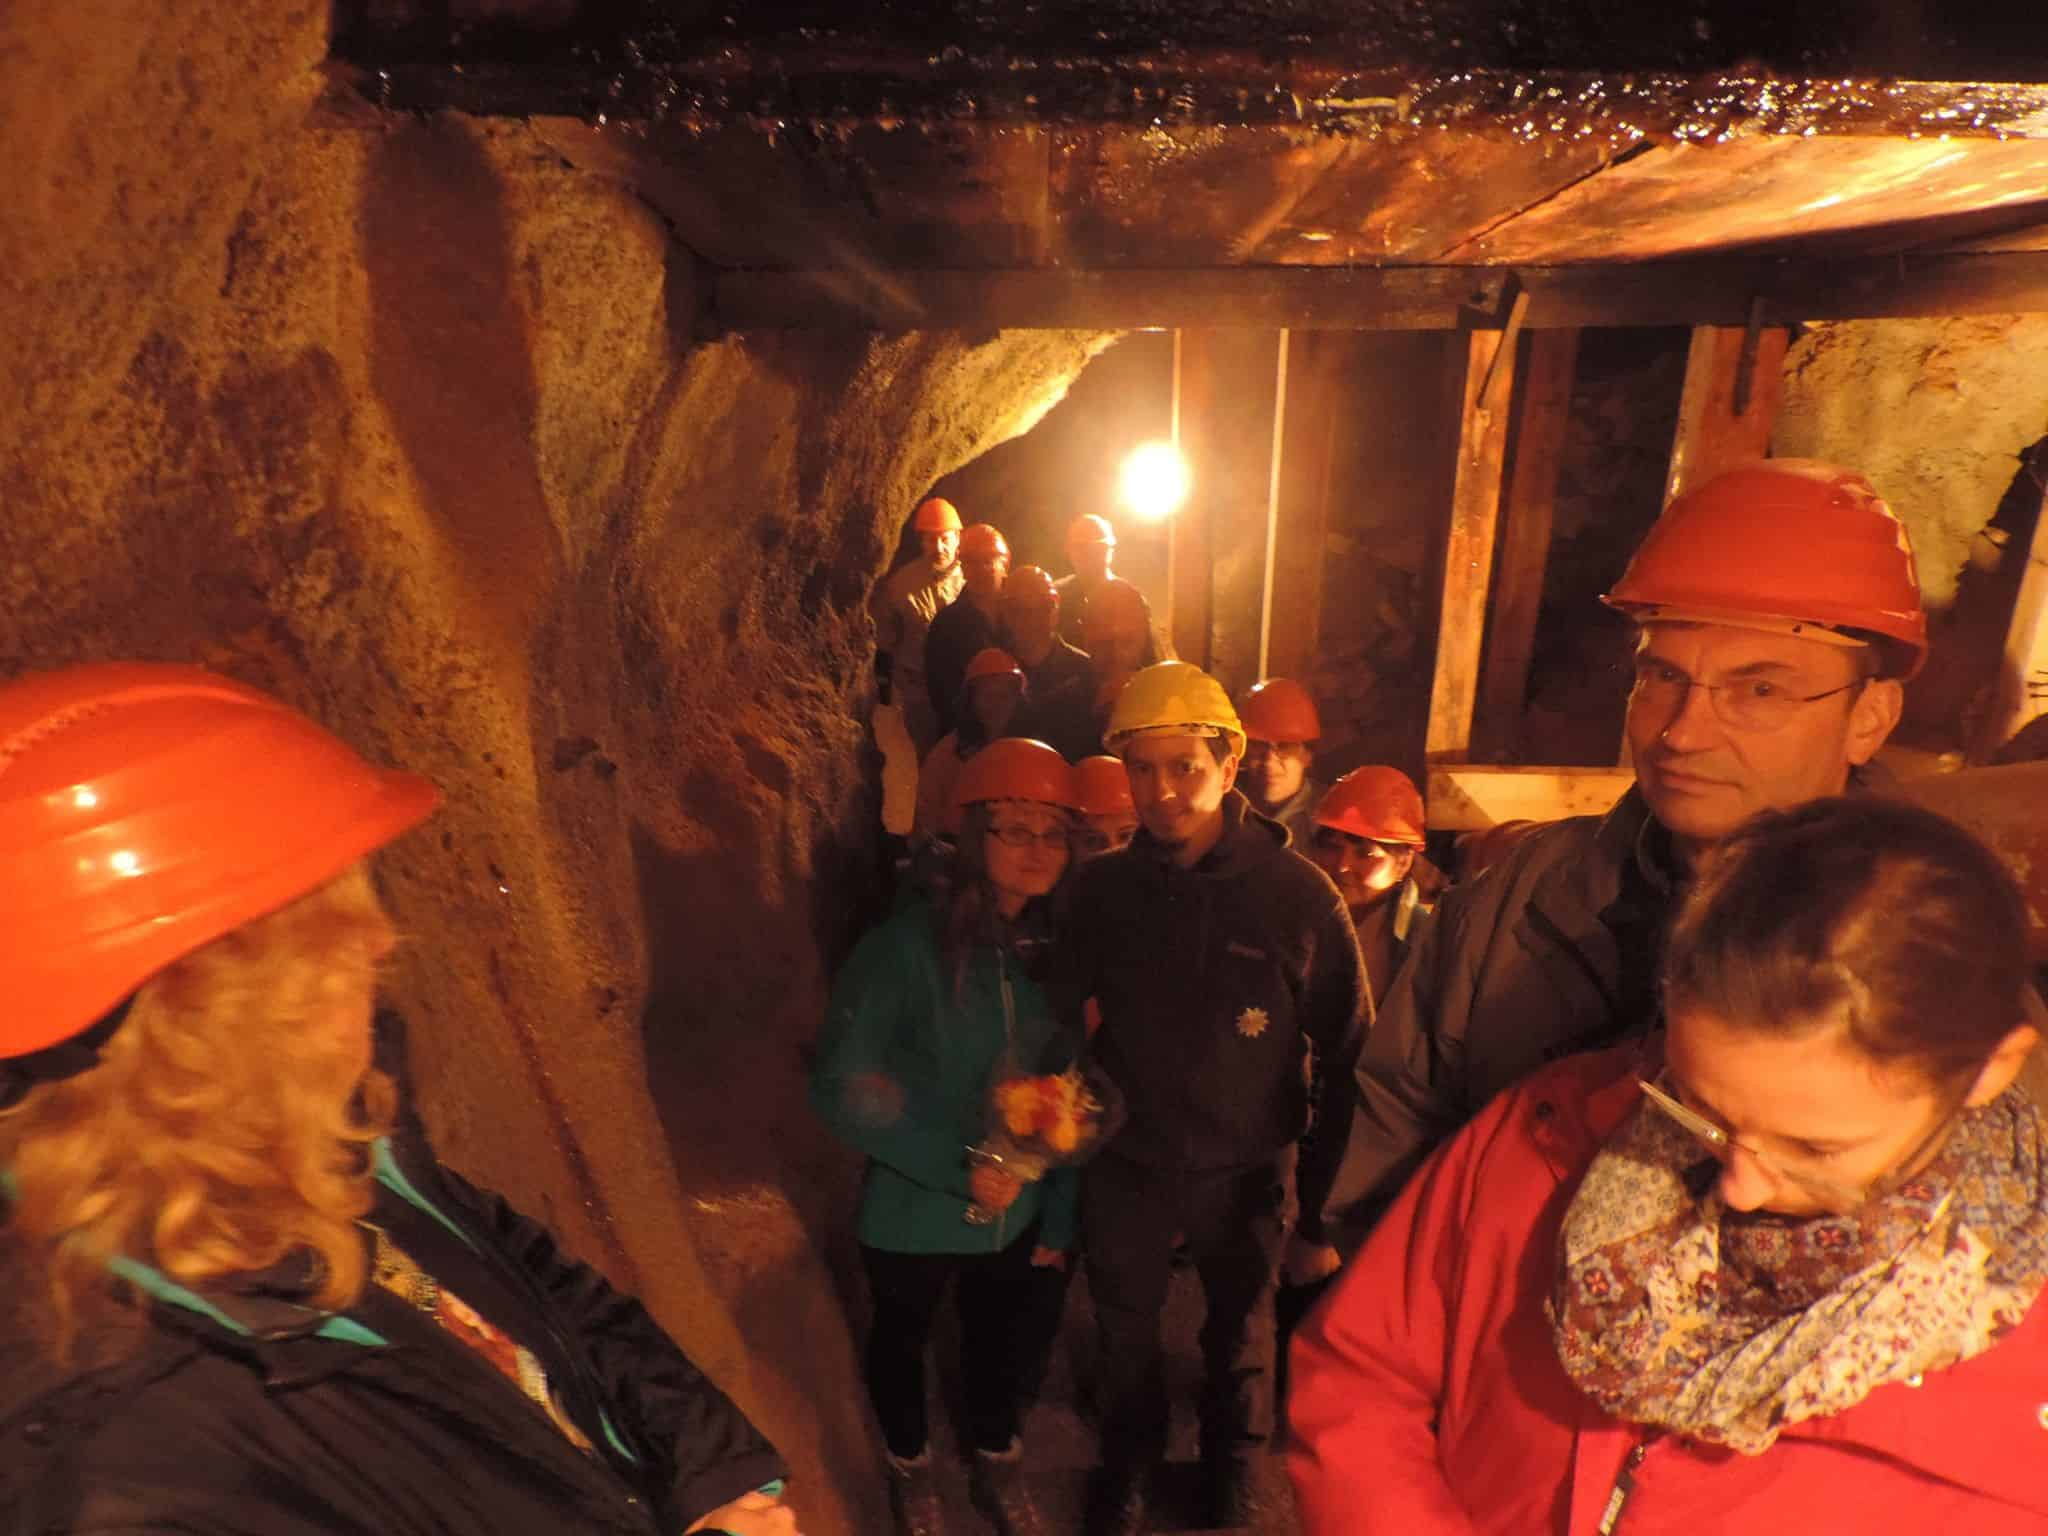 Höhlenführung im TOP-Ausflugsziel Obir Tropfsteinhöhlen in Bad Eisenkappel in Kärnten